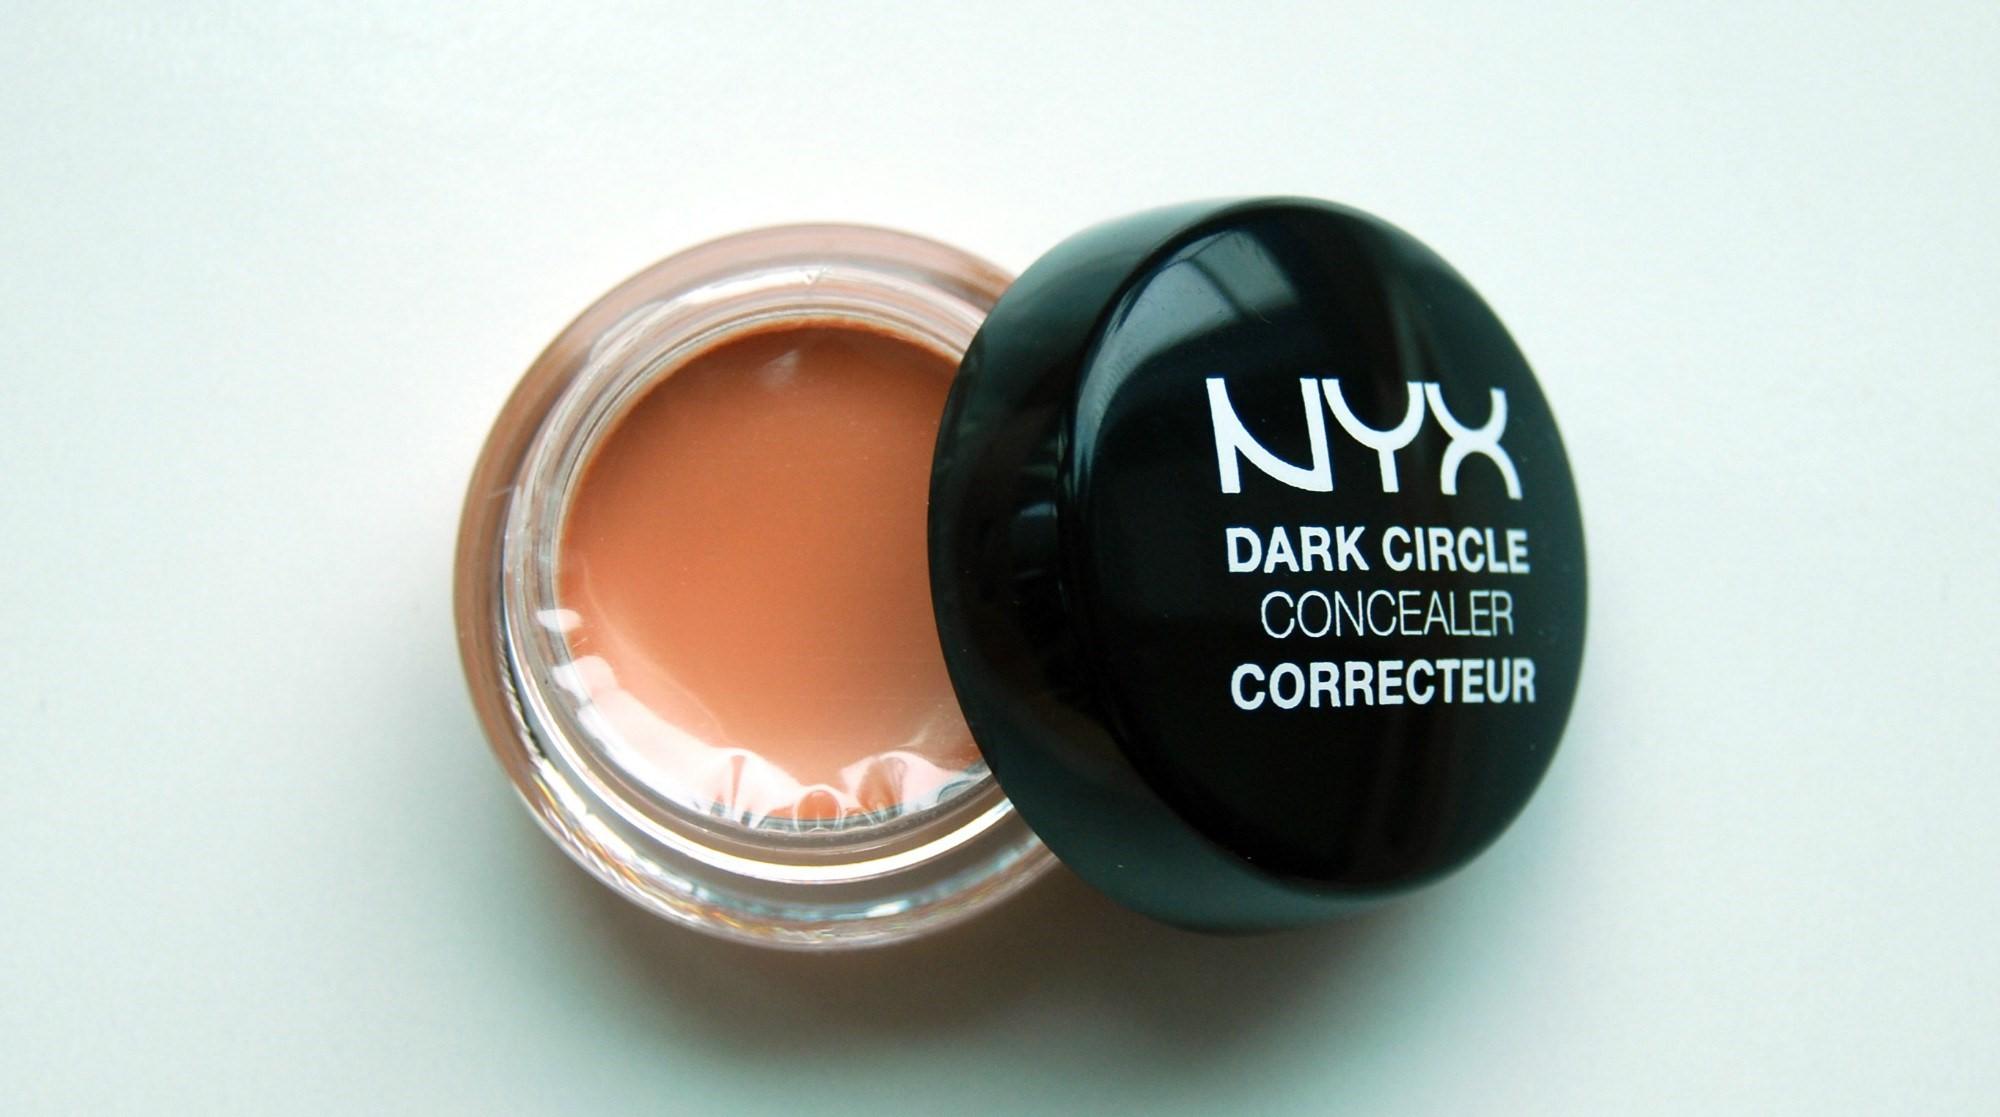 Arma eficaz contra olheiras – Dark Circle Concealer da NYX Cosmetics